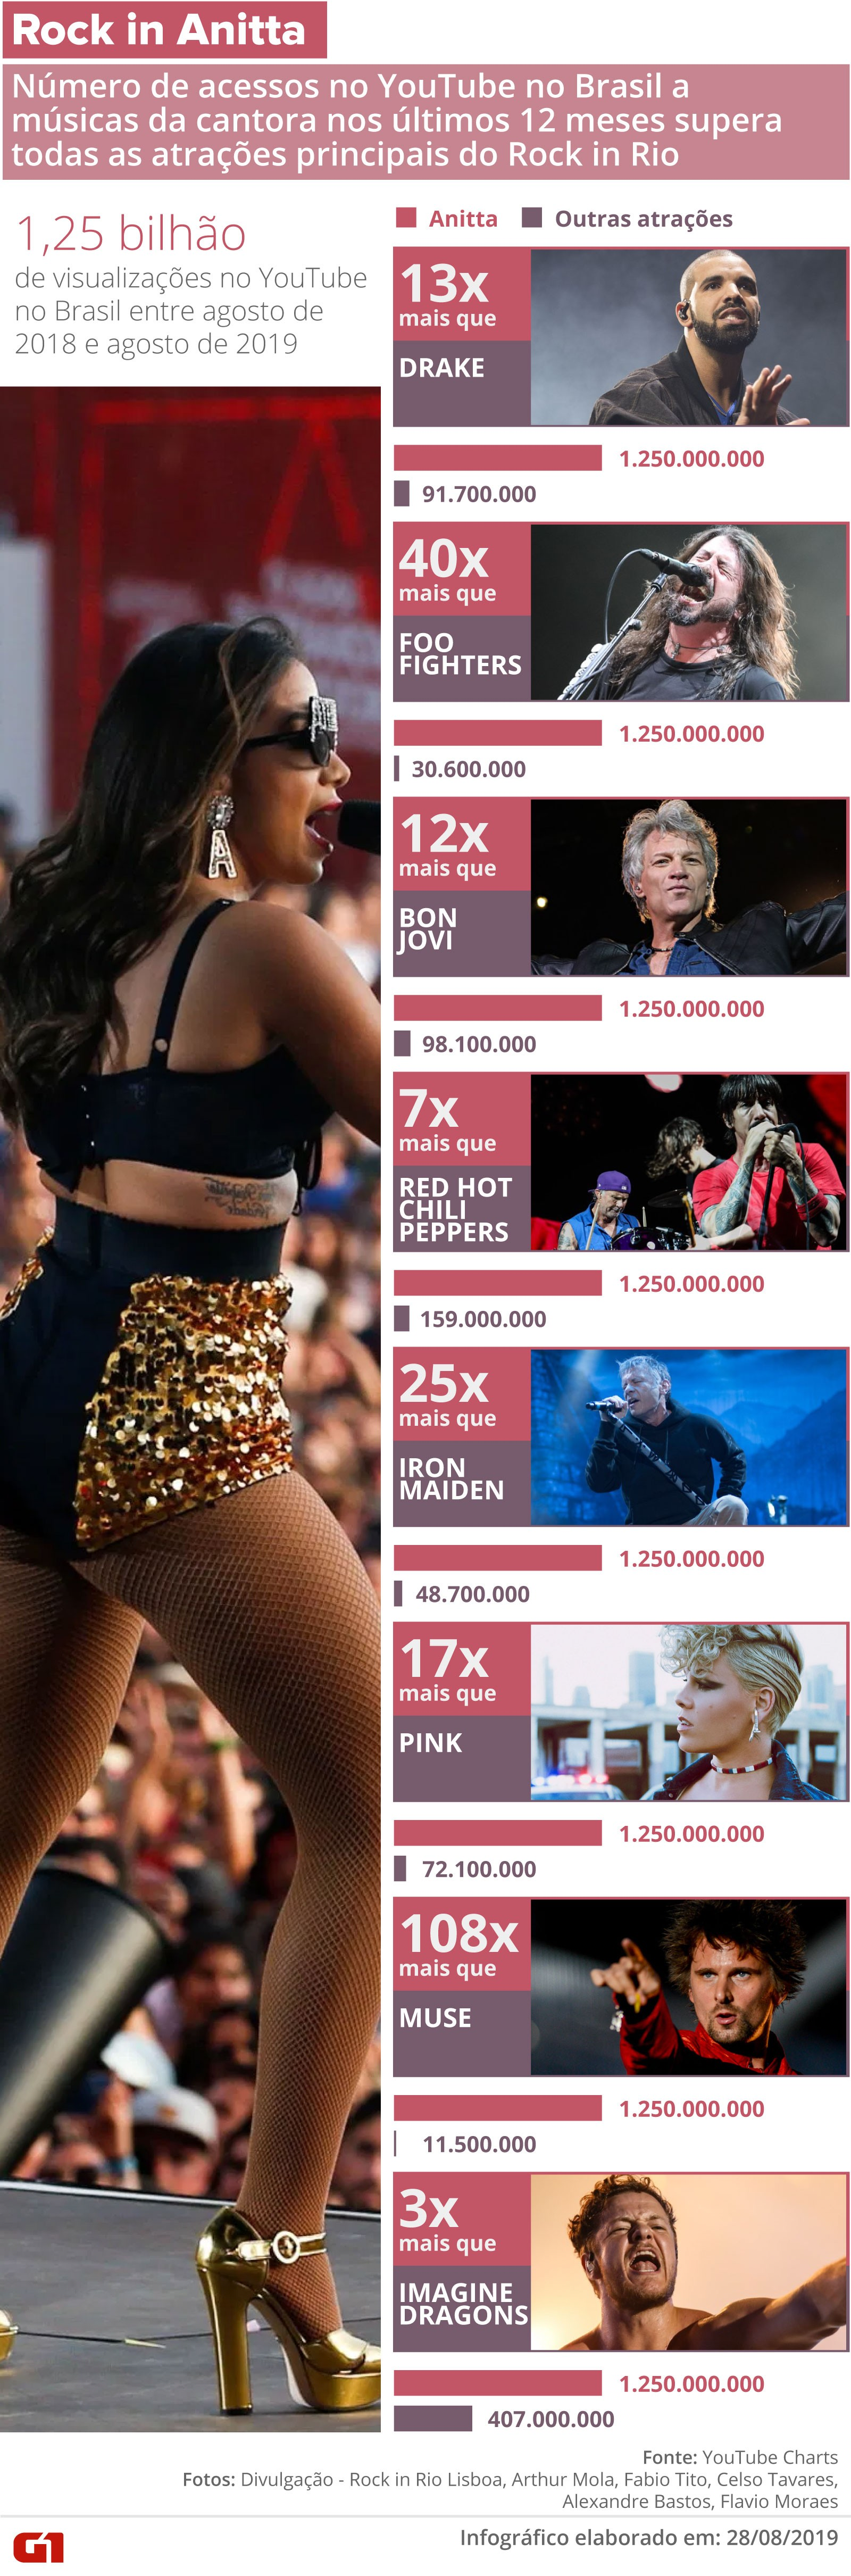 Anitta é atração do Rock in Rio mais ouvida no Brasil, com até 100 vezes mais views que headliners - Notícias - Plantão Diário